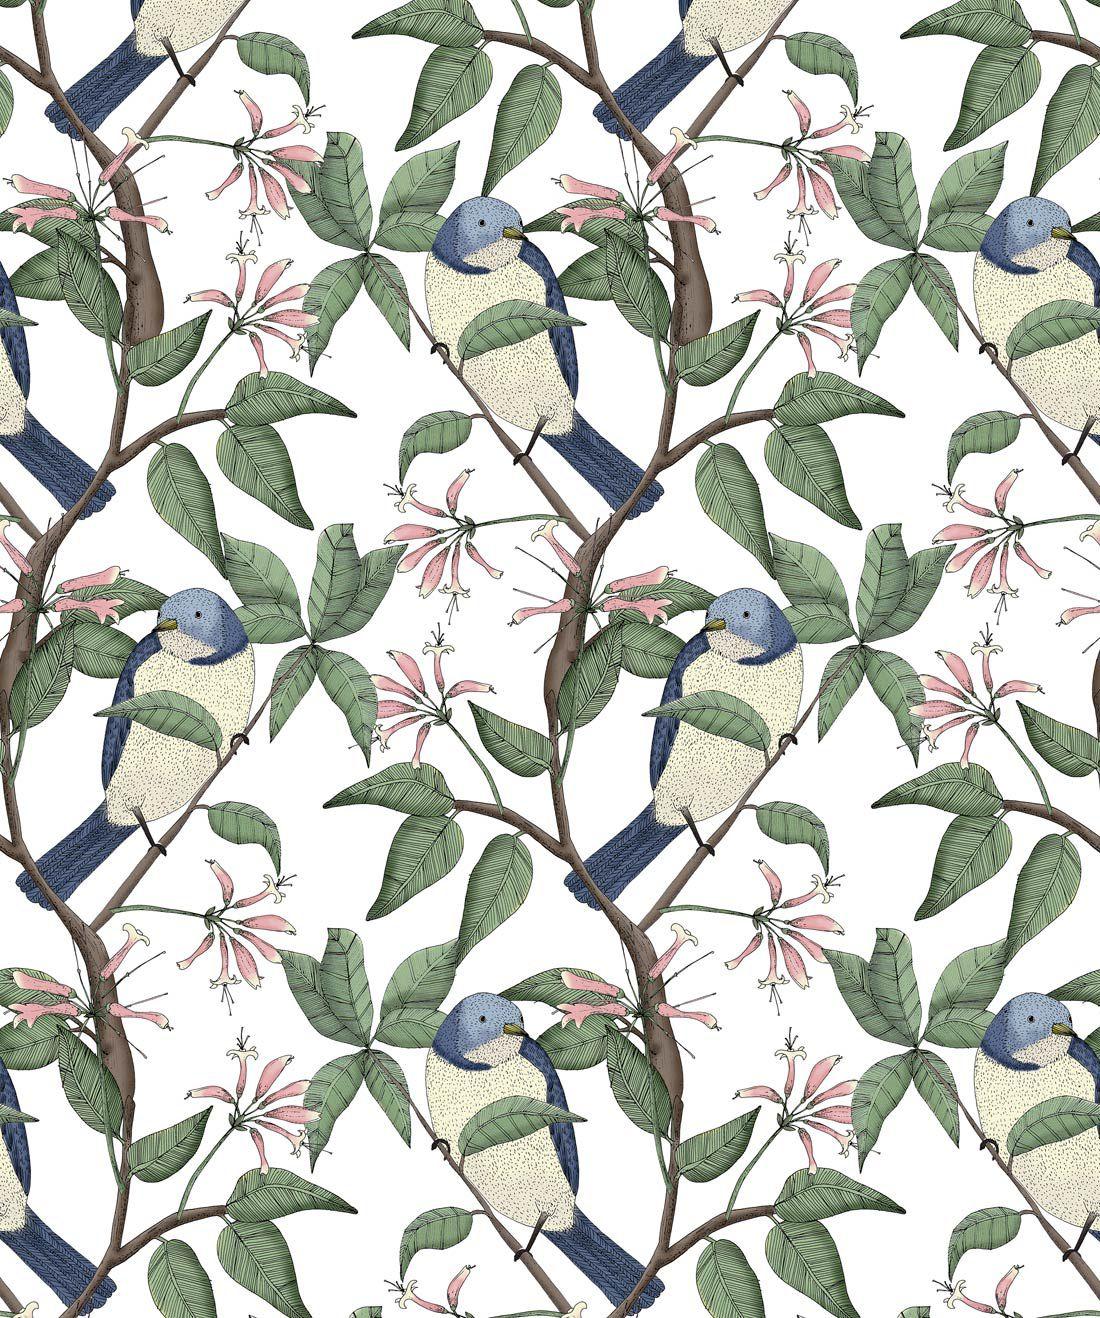 Bird Spotting Wallpaper